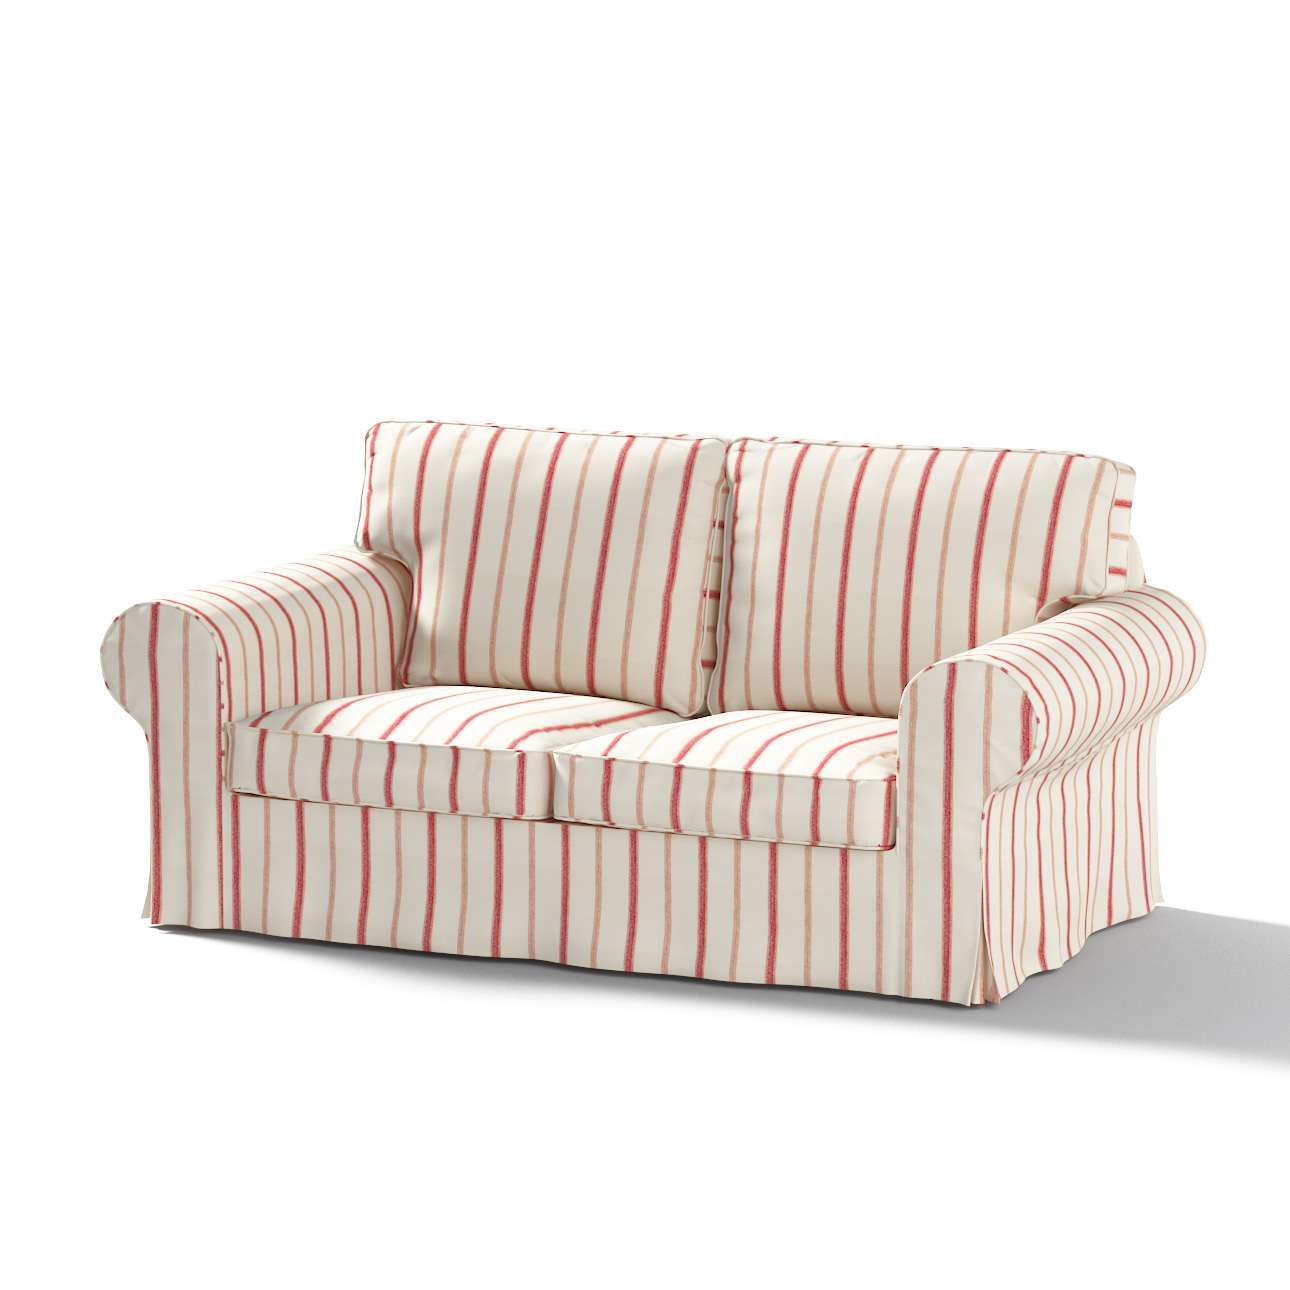 Pokrowiec na sofę Ektorp 2-osobową, rozkładaną, model do 2012 w kolekcji Avinon, tkanina: 129-15